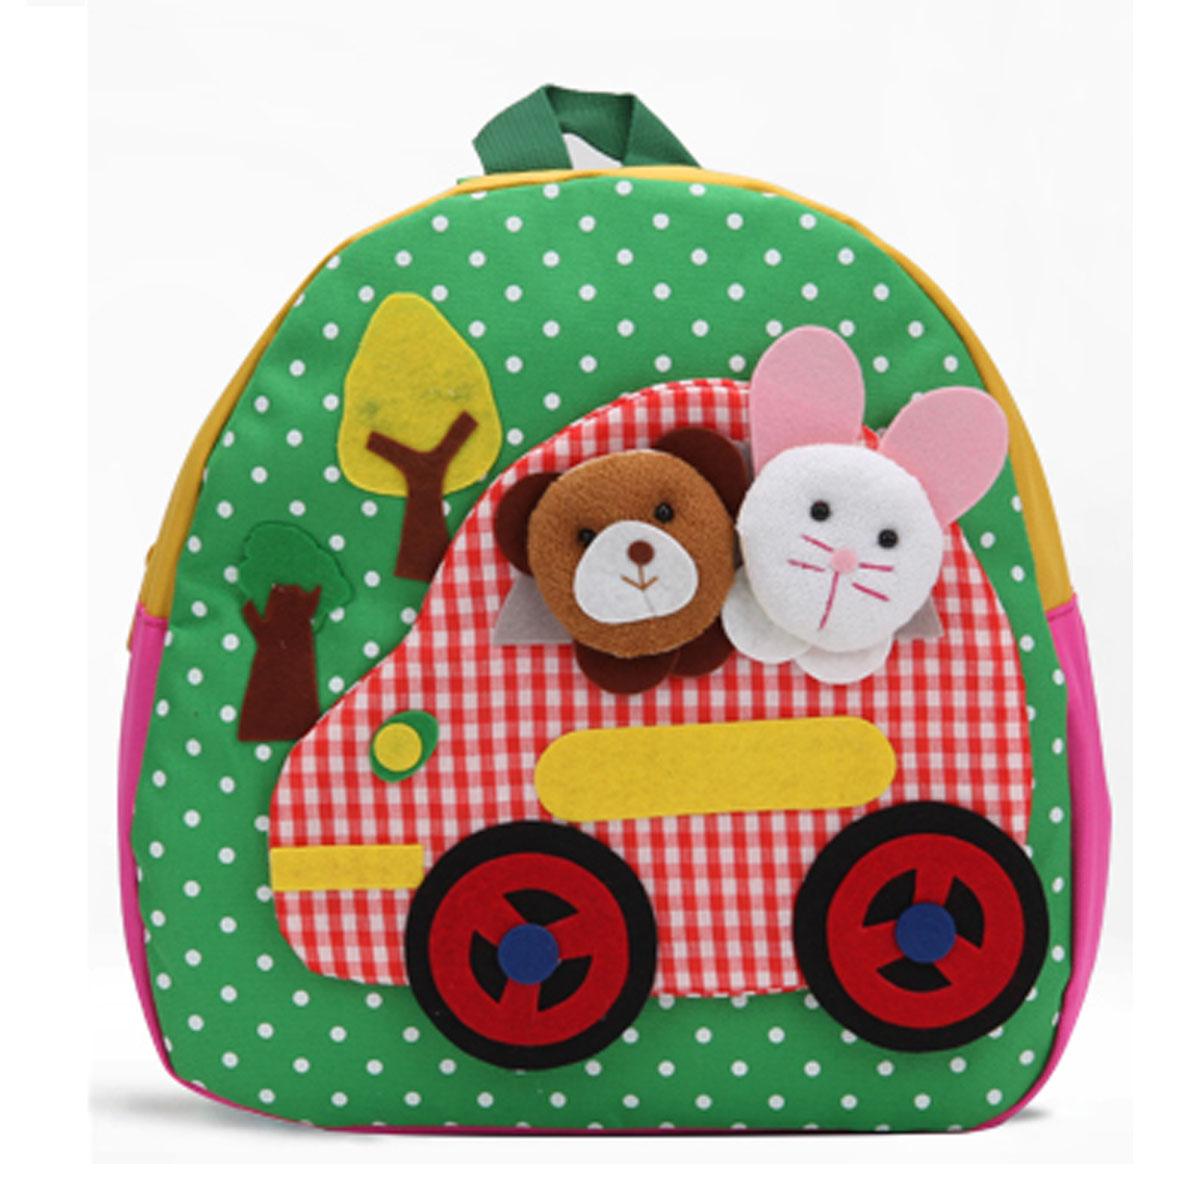 Детские рюкзаки для садика купить интернет магазин днепропетровск сумки, рюкзаки